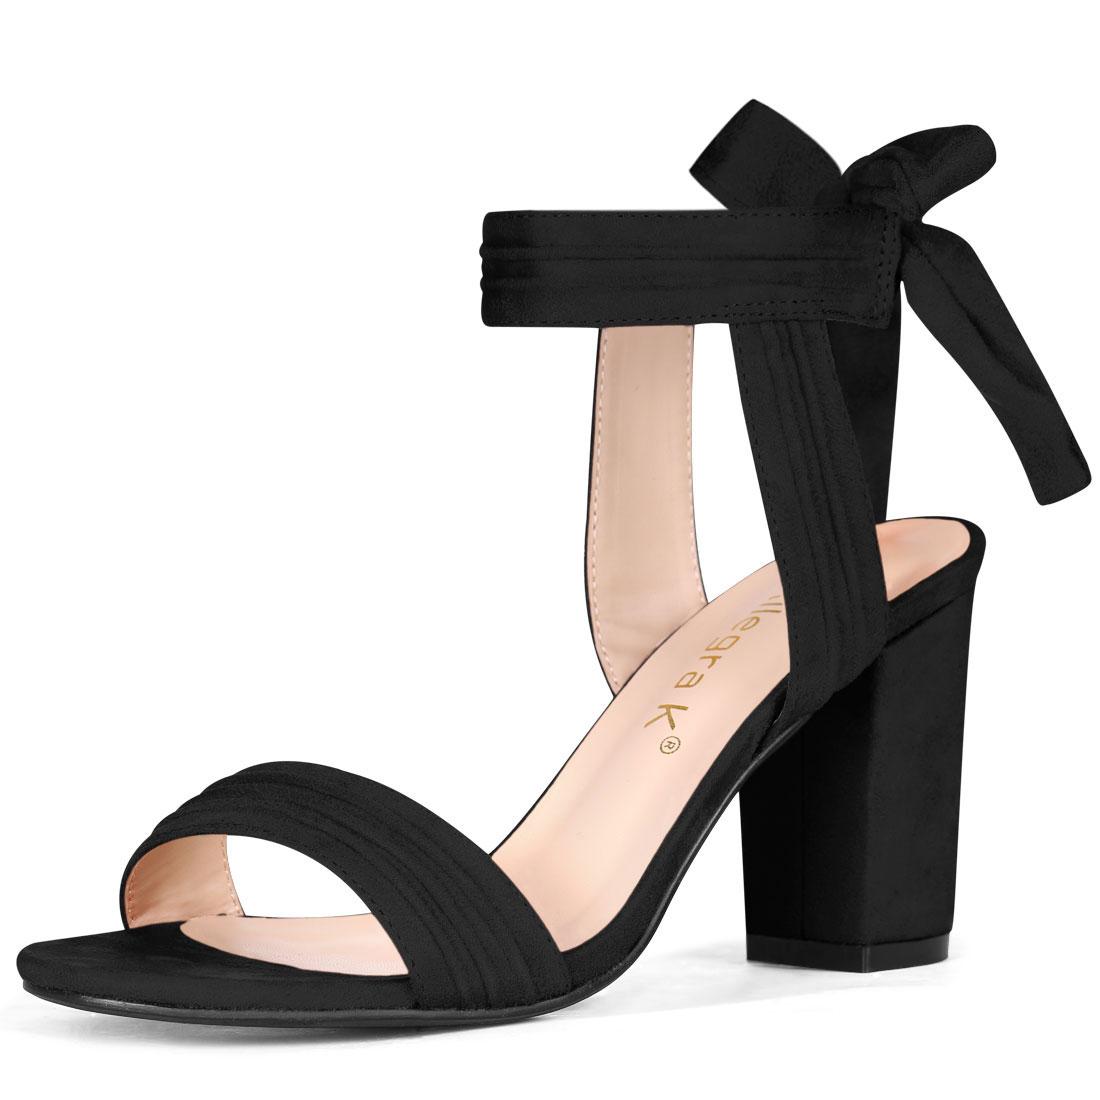 Allegra K Women's Open Toe Ankle Tie Back Chunky Heel Sandals Black US 5.5